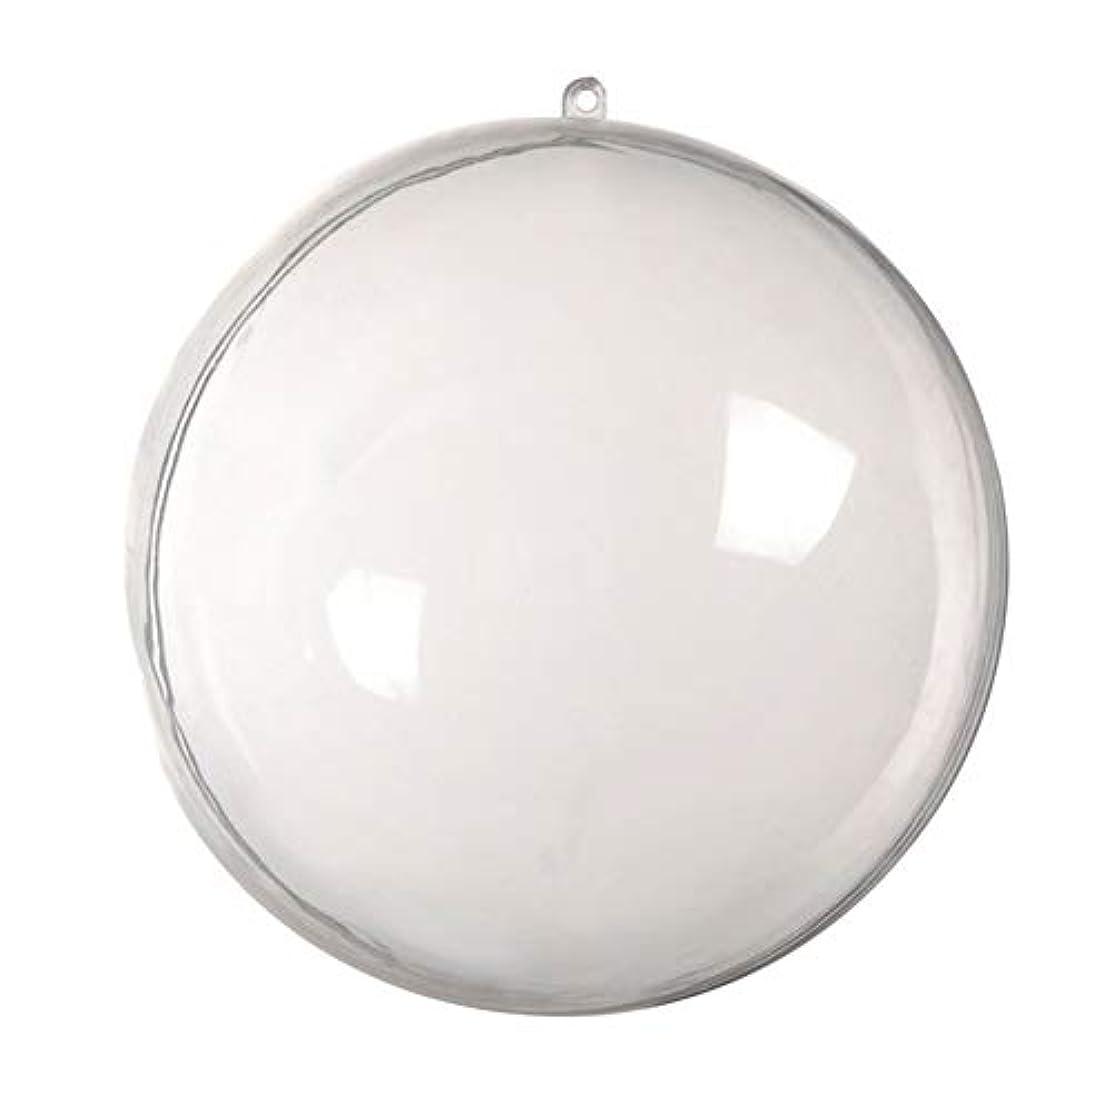 投資するオール悪意アリガドクリアプラスチッククリスマスボール、クリア透明ボール、球充填クリスマスツリー飾りDIYクラフトつまらない飾り(5個)